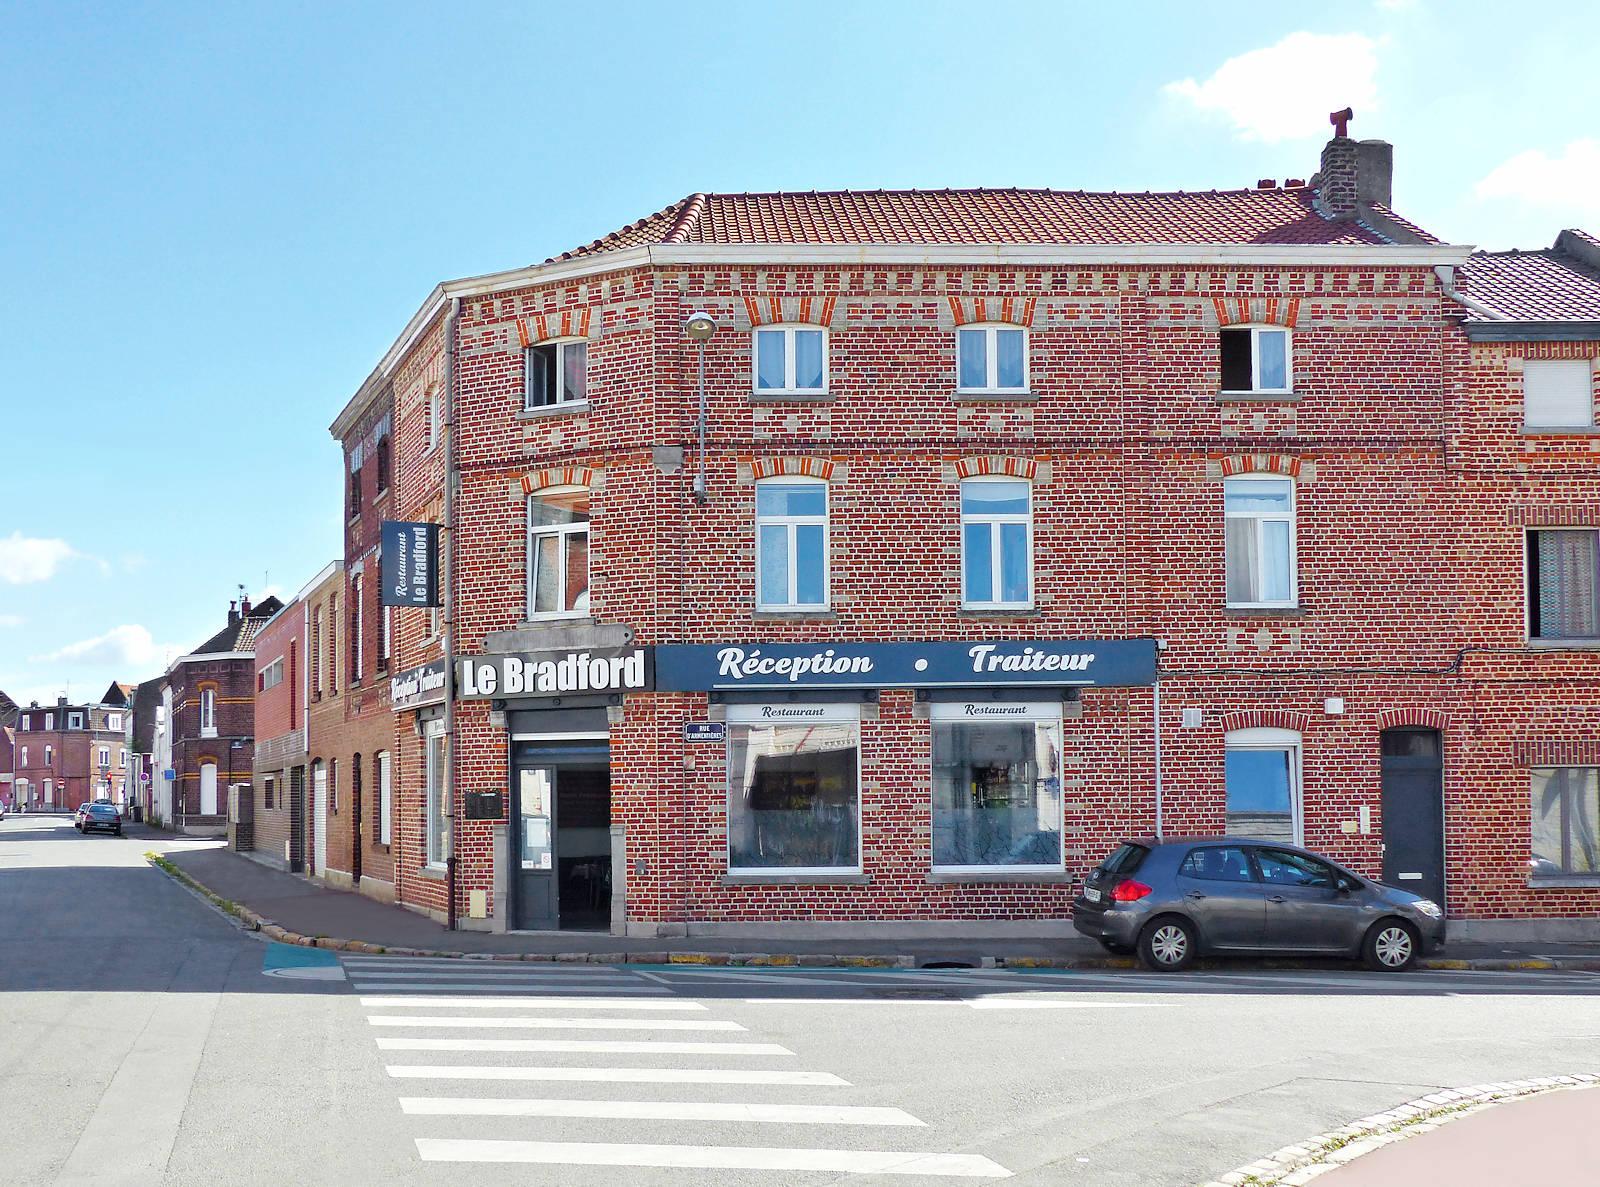 Rue de Bradford, Tourcoing quartier Flocon - Restaurant Le Bradford